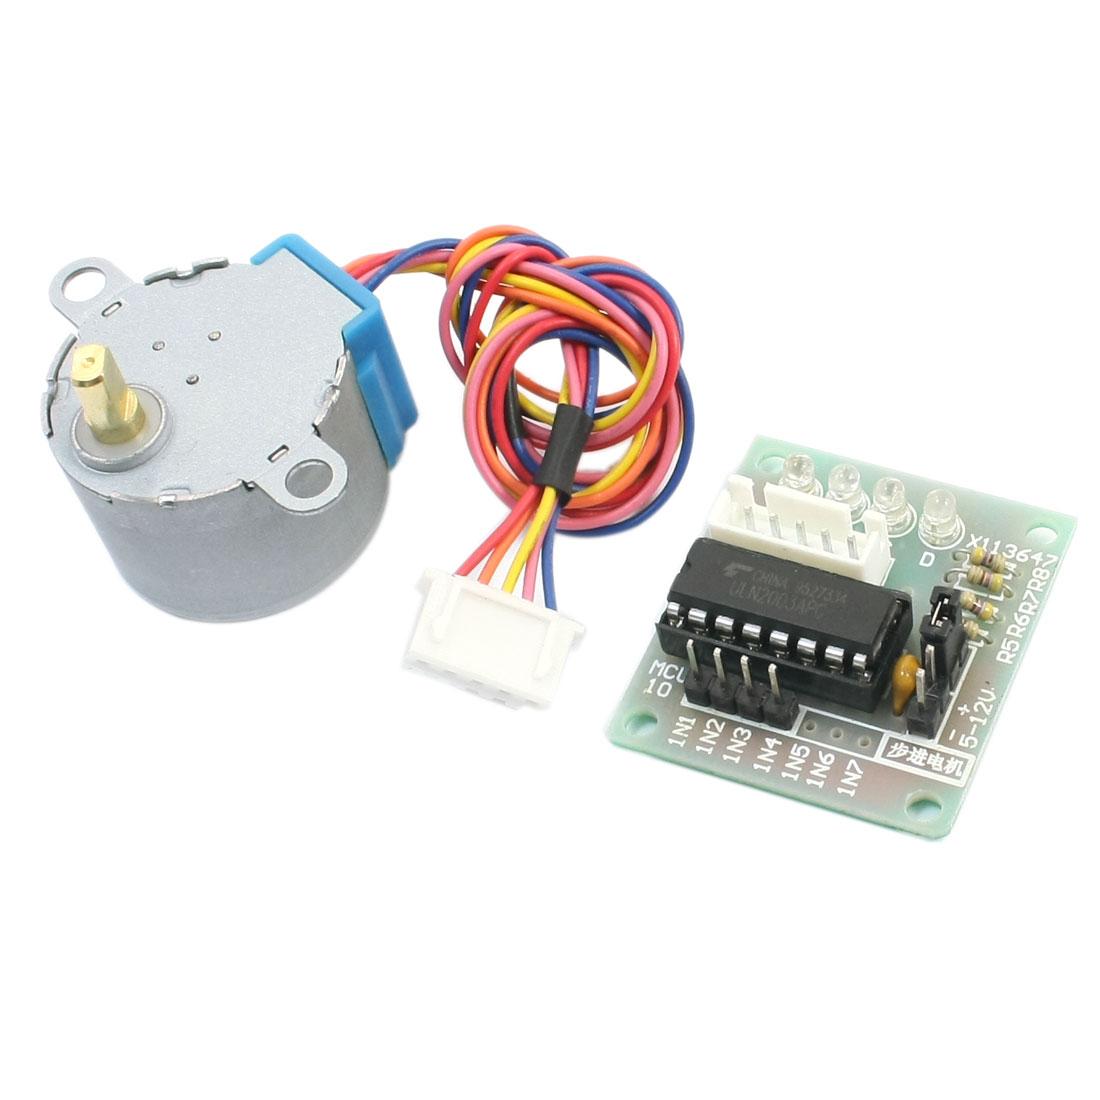 MCU ULN2003APG Driver Module Controller Board w Stepper Motor